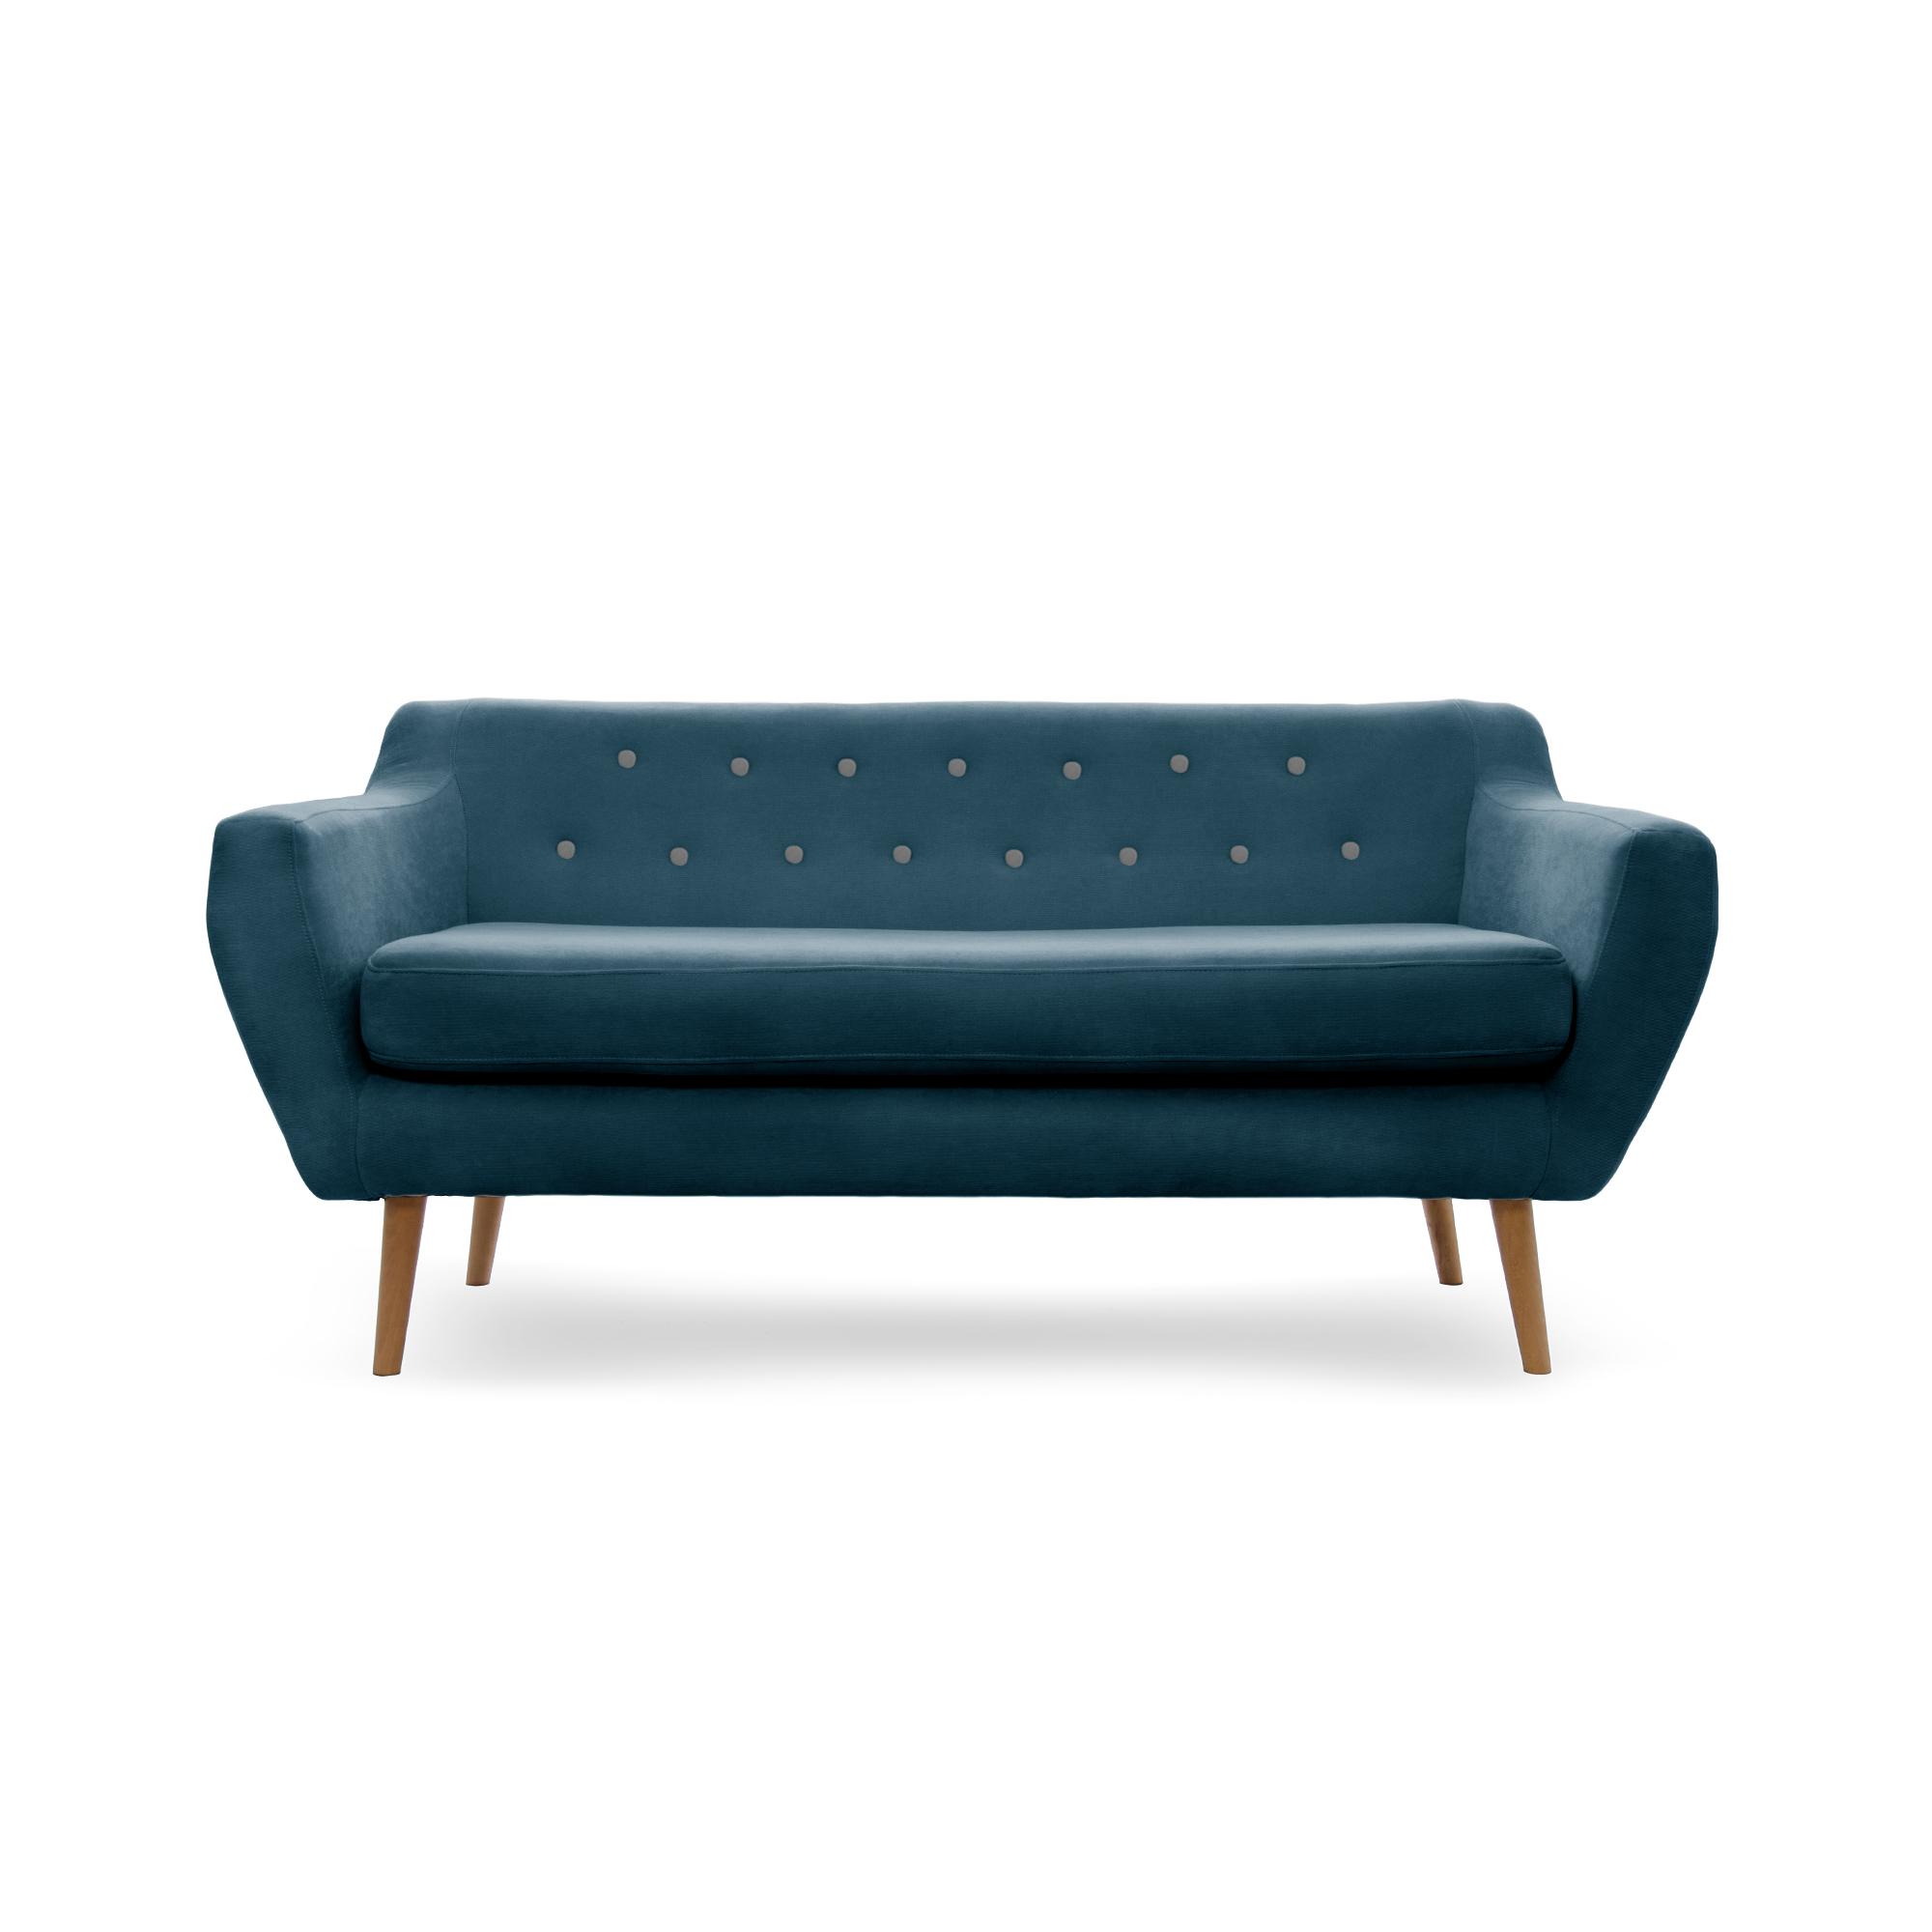 Canapea Fixa 3 locuri Kelly Marine Bleu/Natural